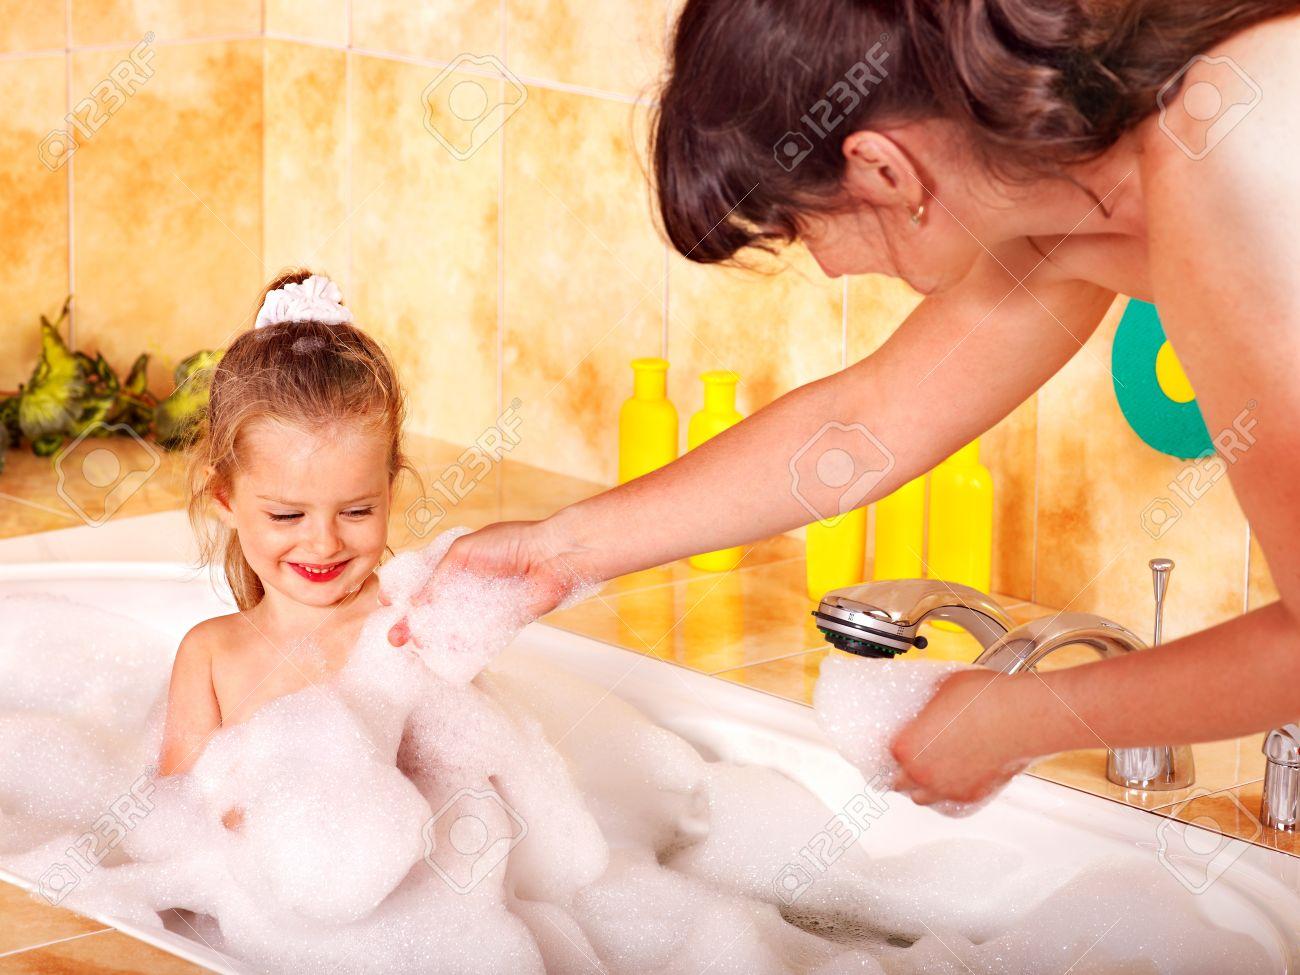 Фото мамы и дочки в ванной 7 фотография